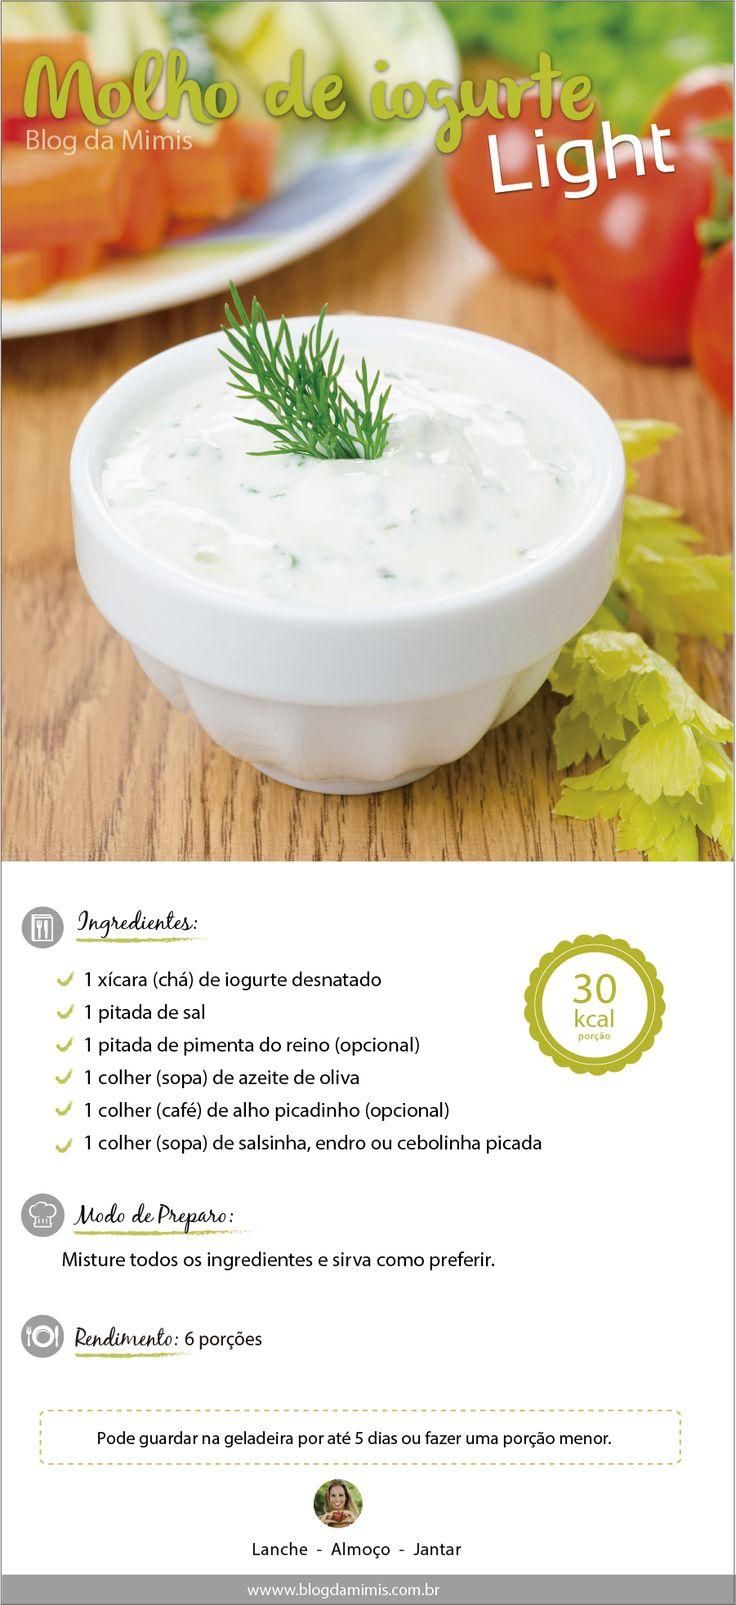 molho-iogurte-light-blog-da-mimis-michelle-franzoni-NOVO